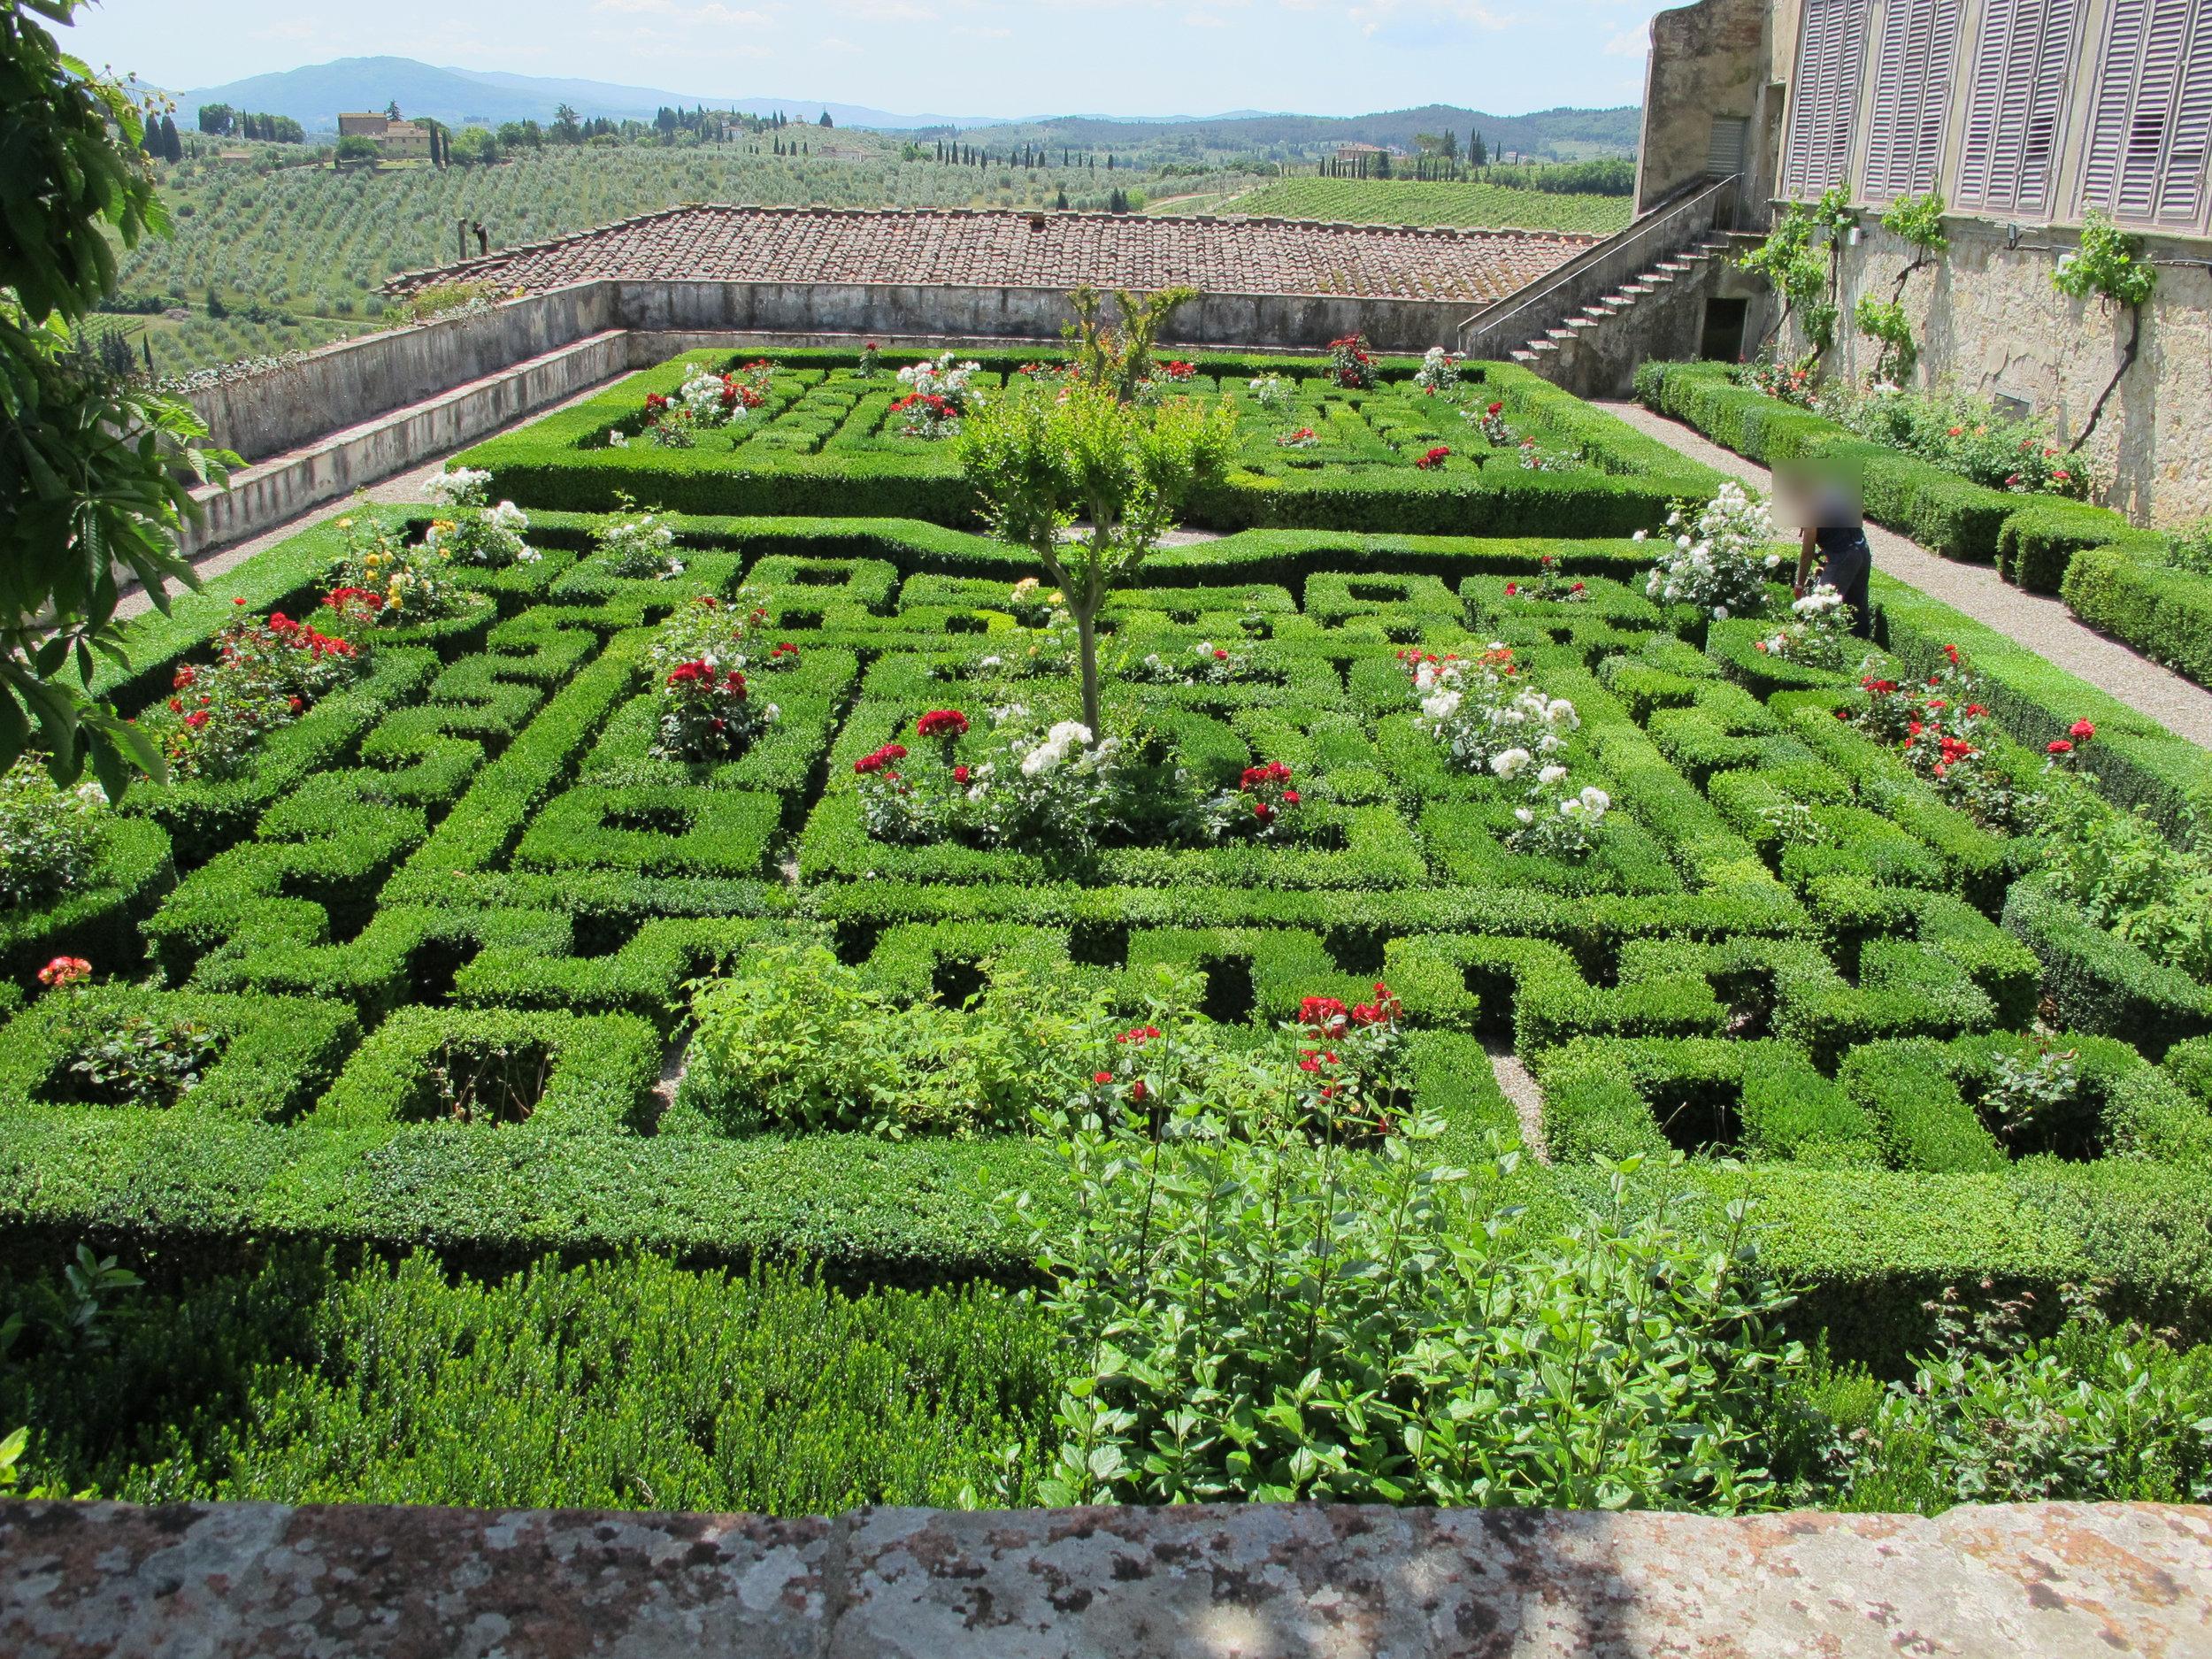 Villa_corsini_di_mezzomonte,_giardino_all'italiana,_terrazza_superiore_02.JPG